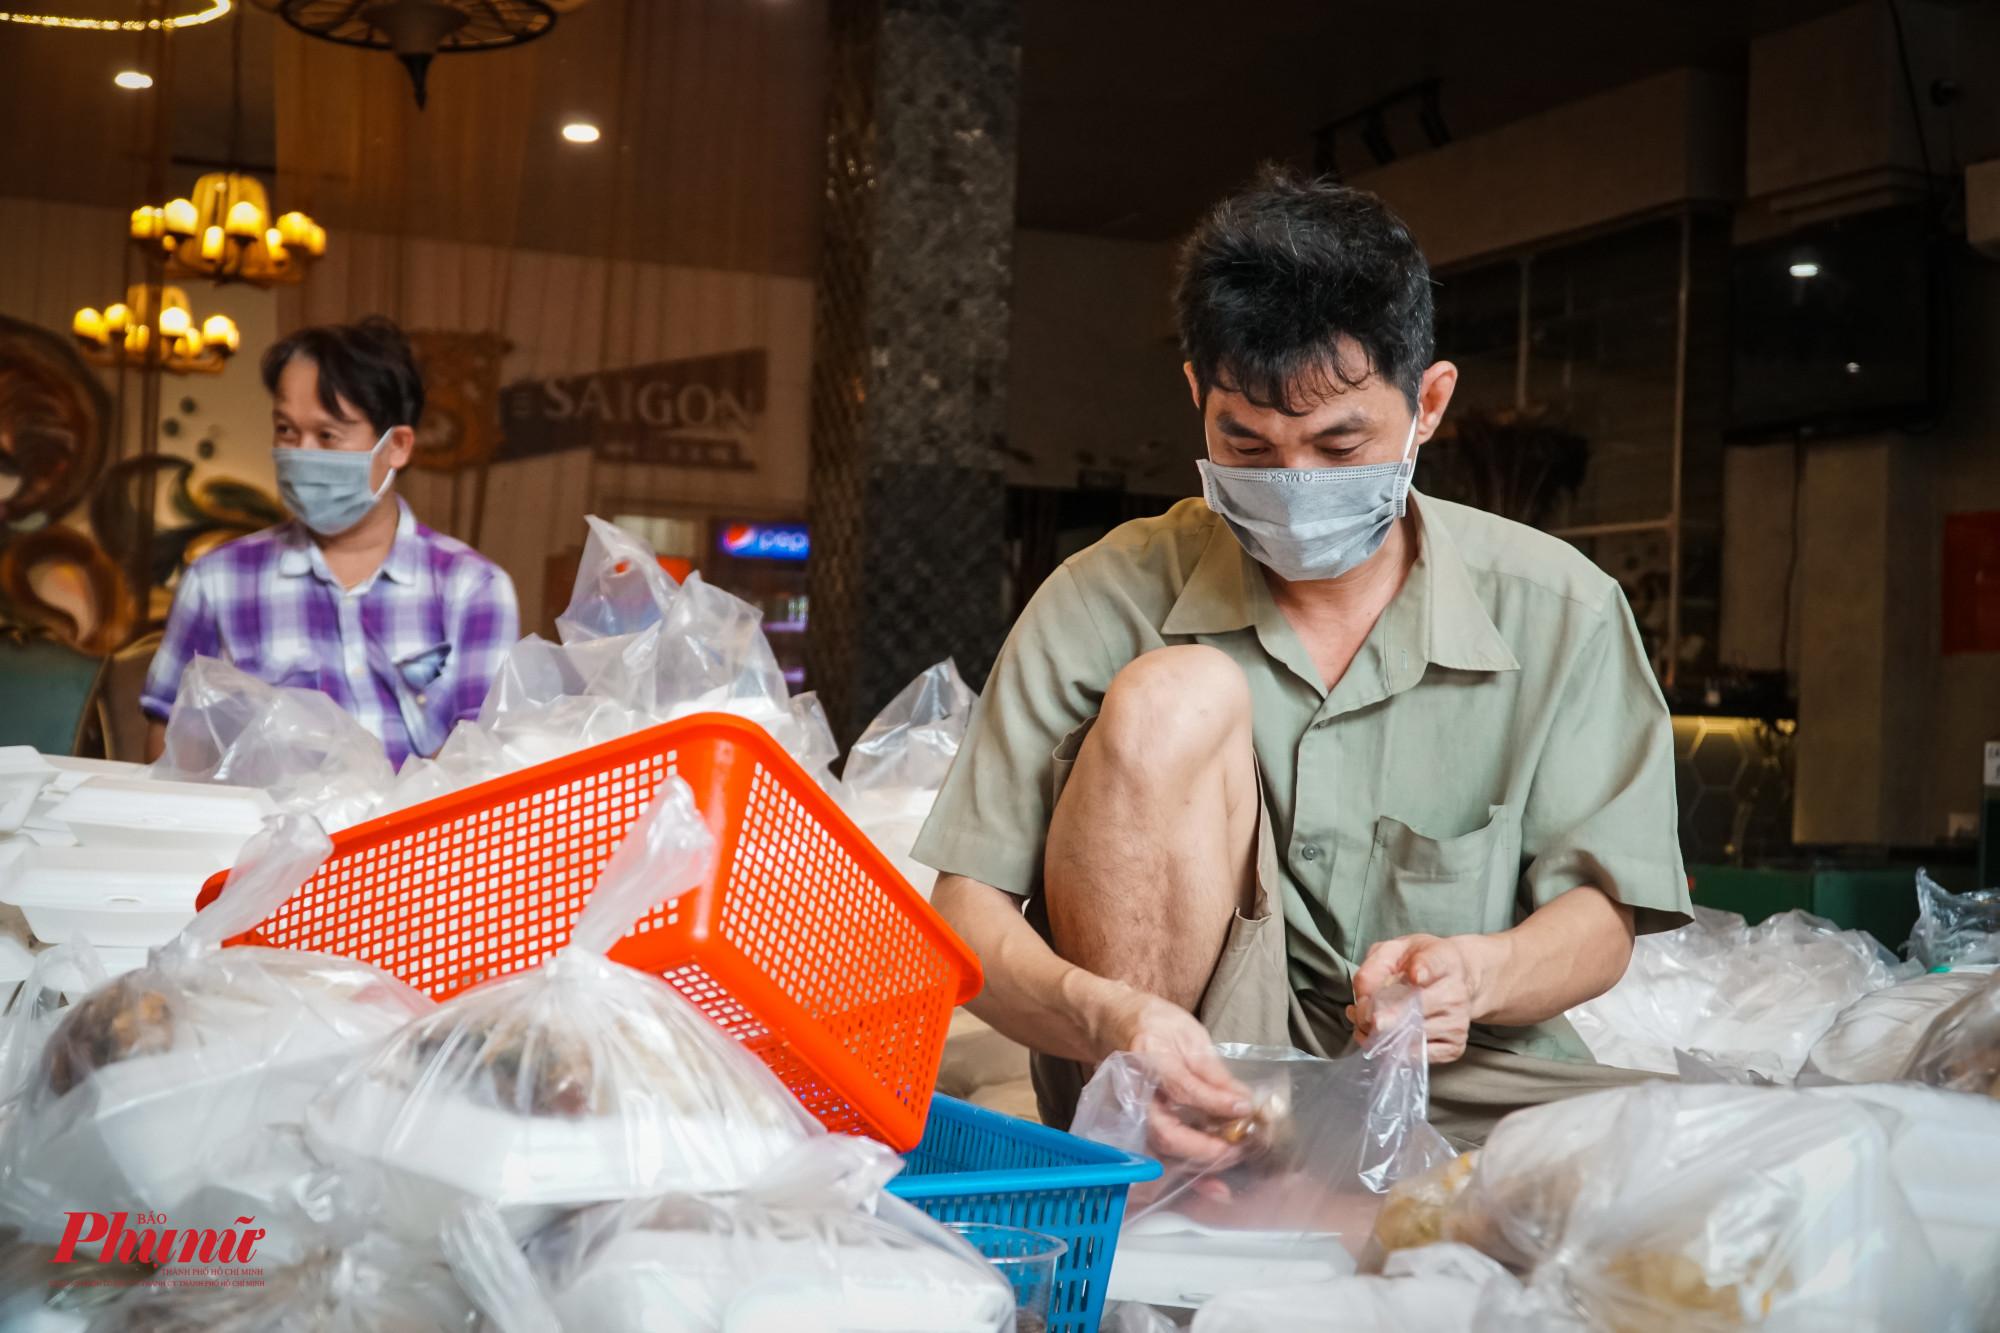 Mỗi ngày, quán của chị Dung hỗ trợ cho người dân TP 1200 suất cơm với các món mặn, đầy đủ chất dinh dưỡng